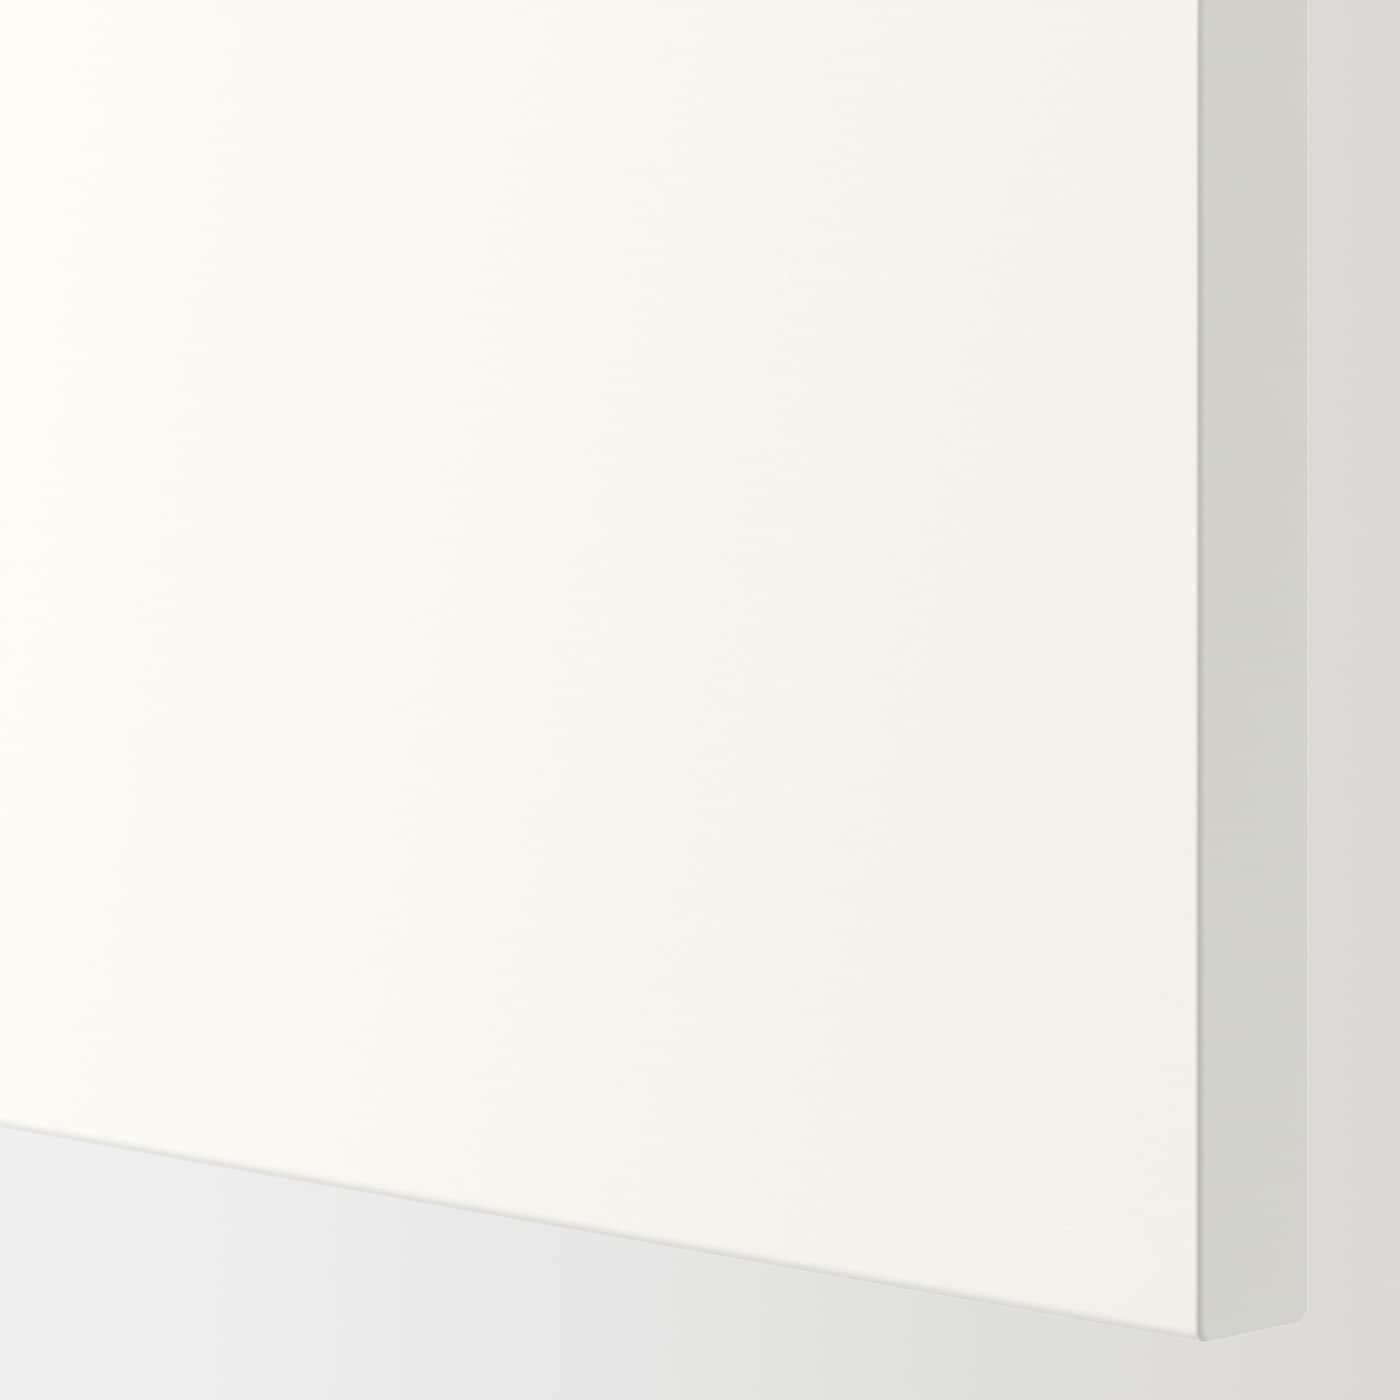 ENHET Bc w shlf/doors, white, 80x60x75 cm